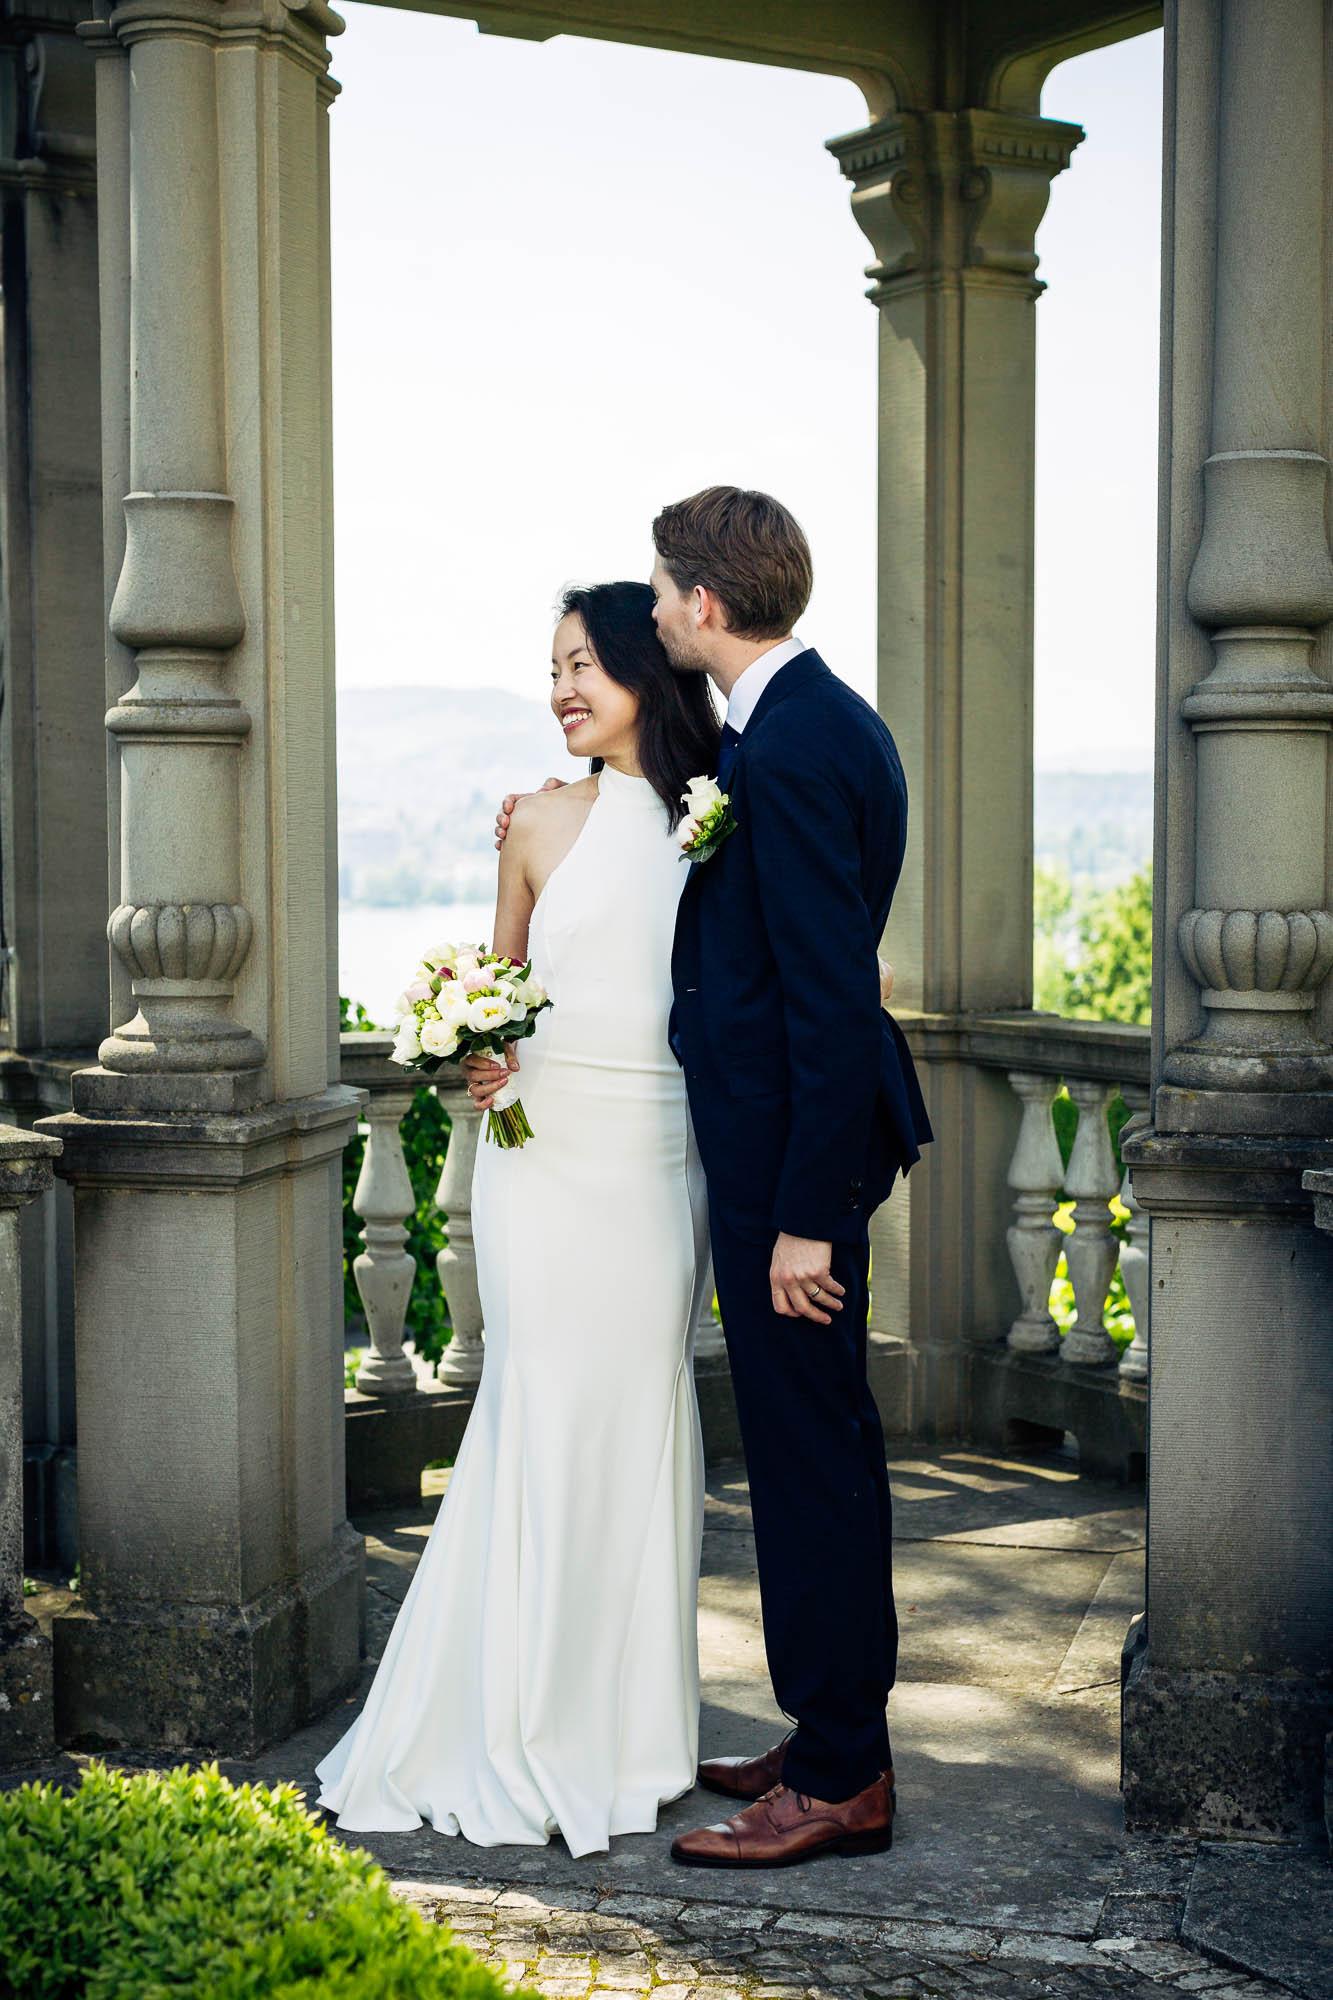 Brautpaar bei Kanzel, Fotoshooting